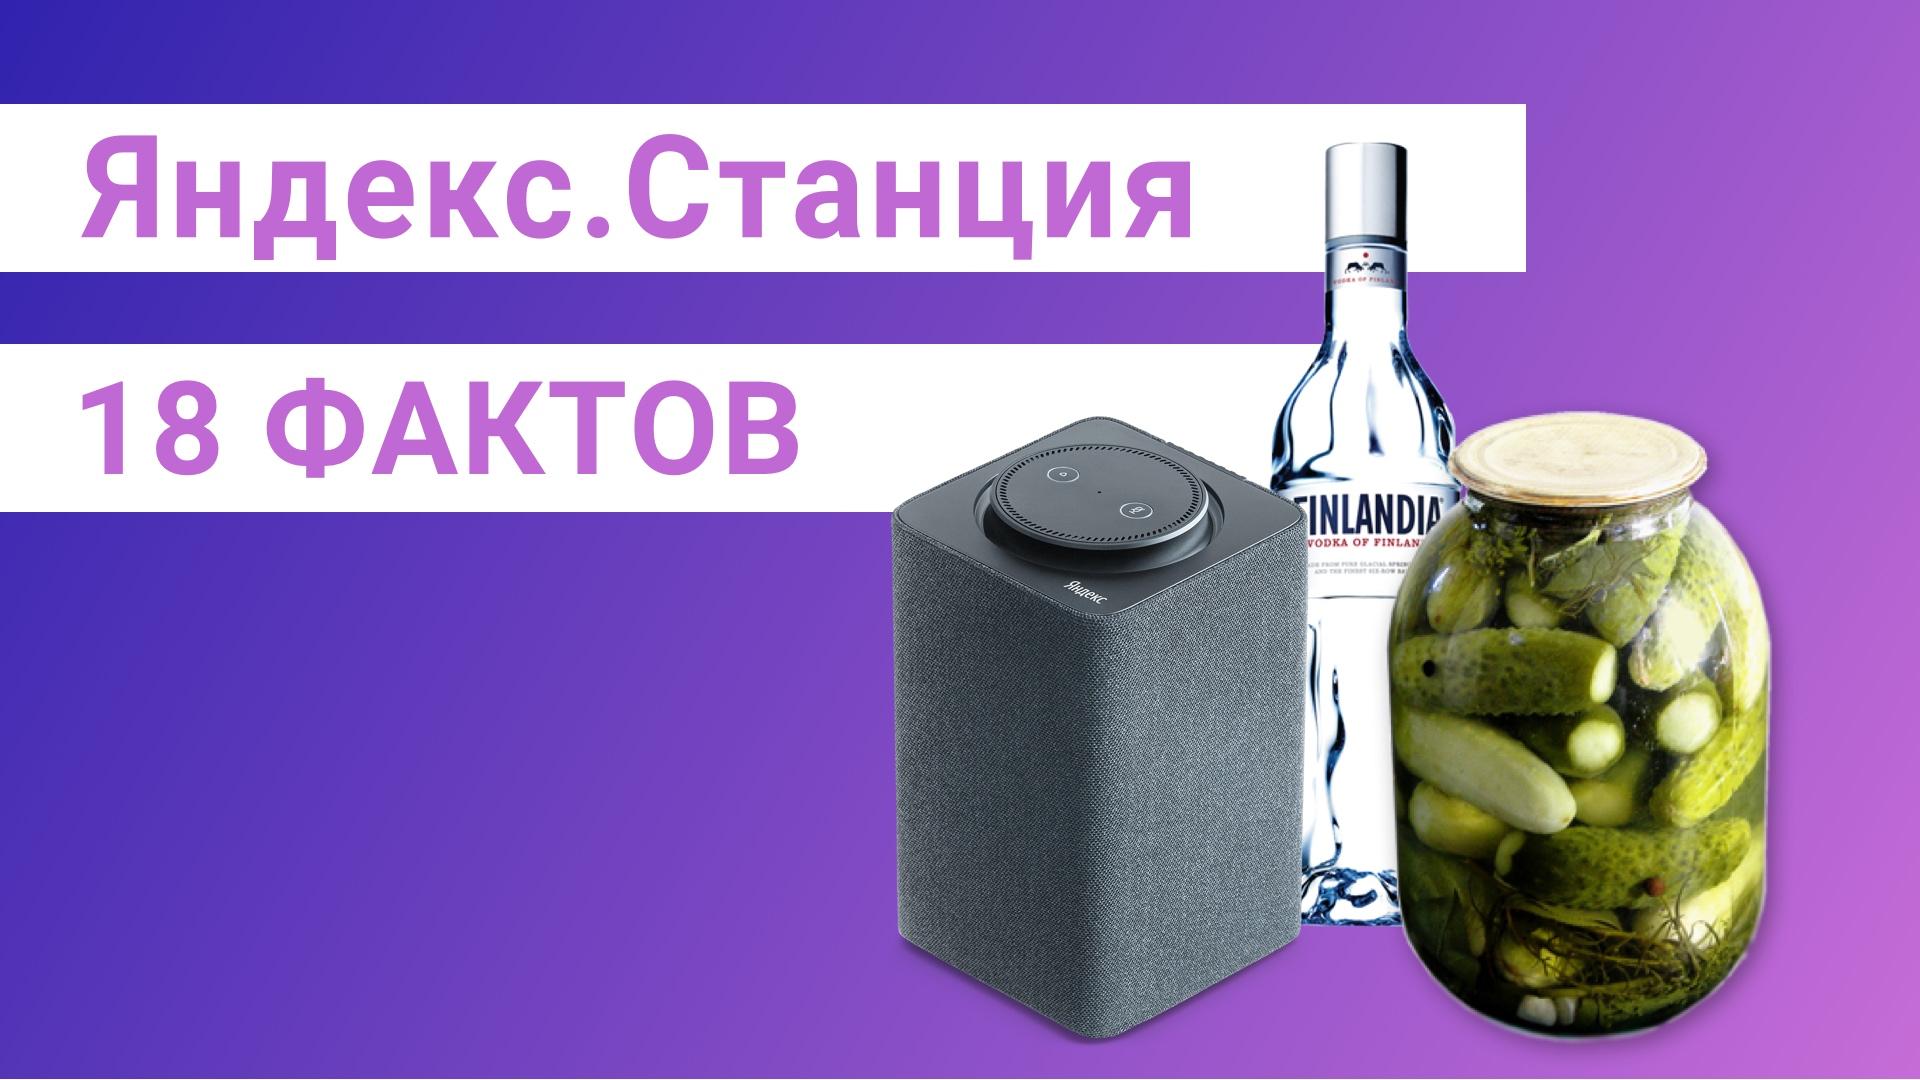 Яндекс Станция Вопросы и Ответы, стоит ли покупать